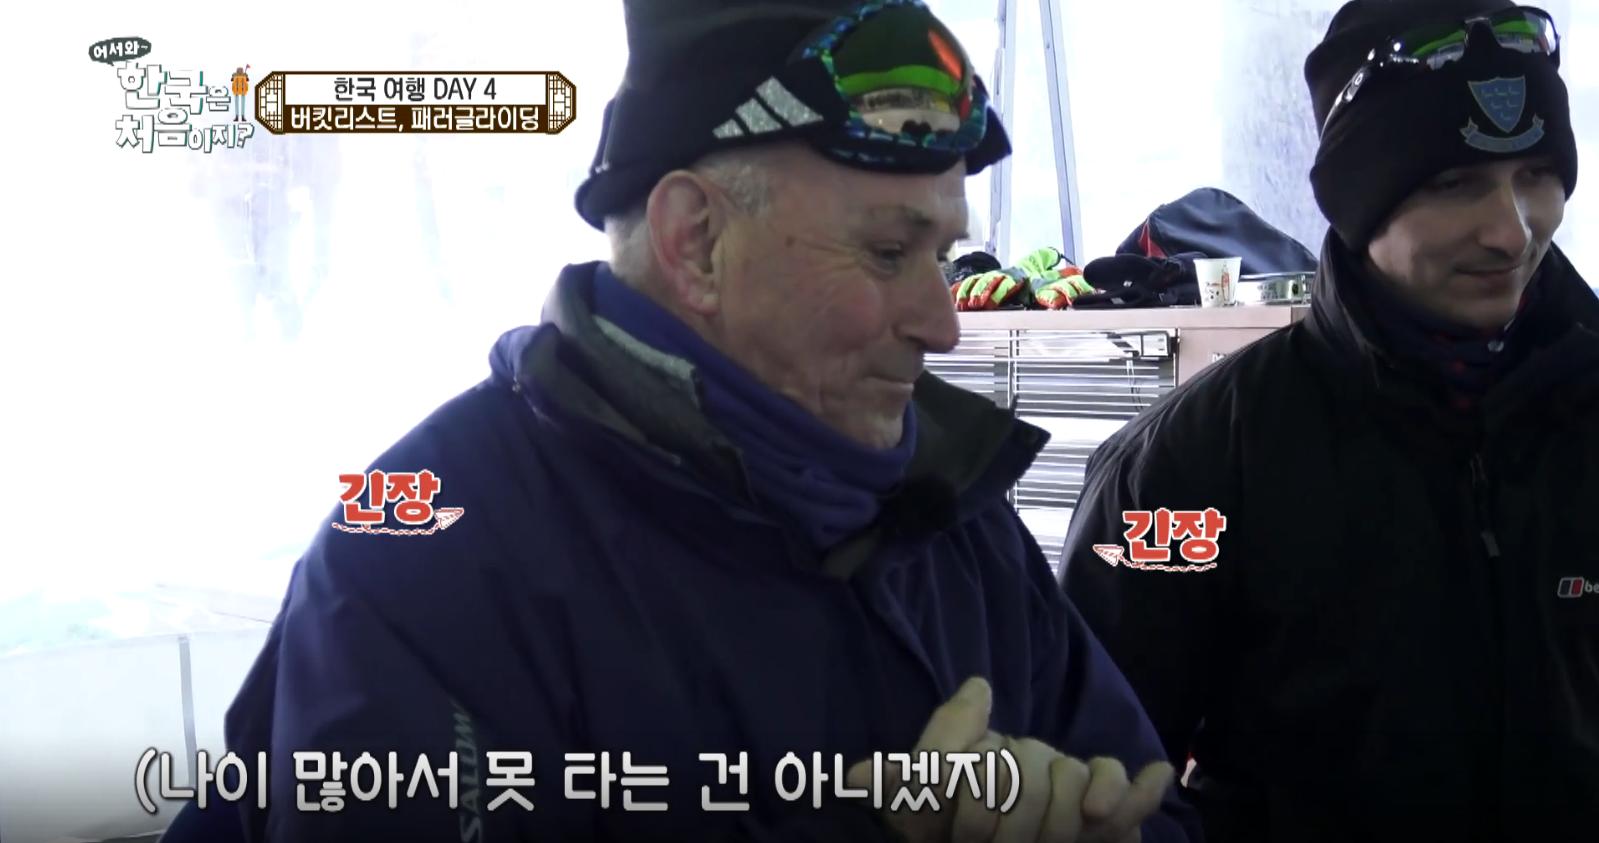 """'어서와 한국은 처음이지?' 영국 친구들 """"오케이~ 하늘 나는 건 처음인 것 같은데~"""""""